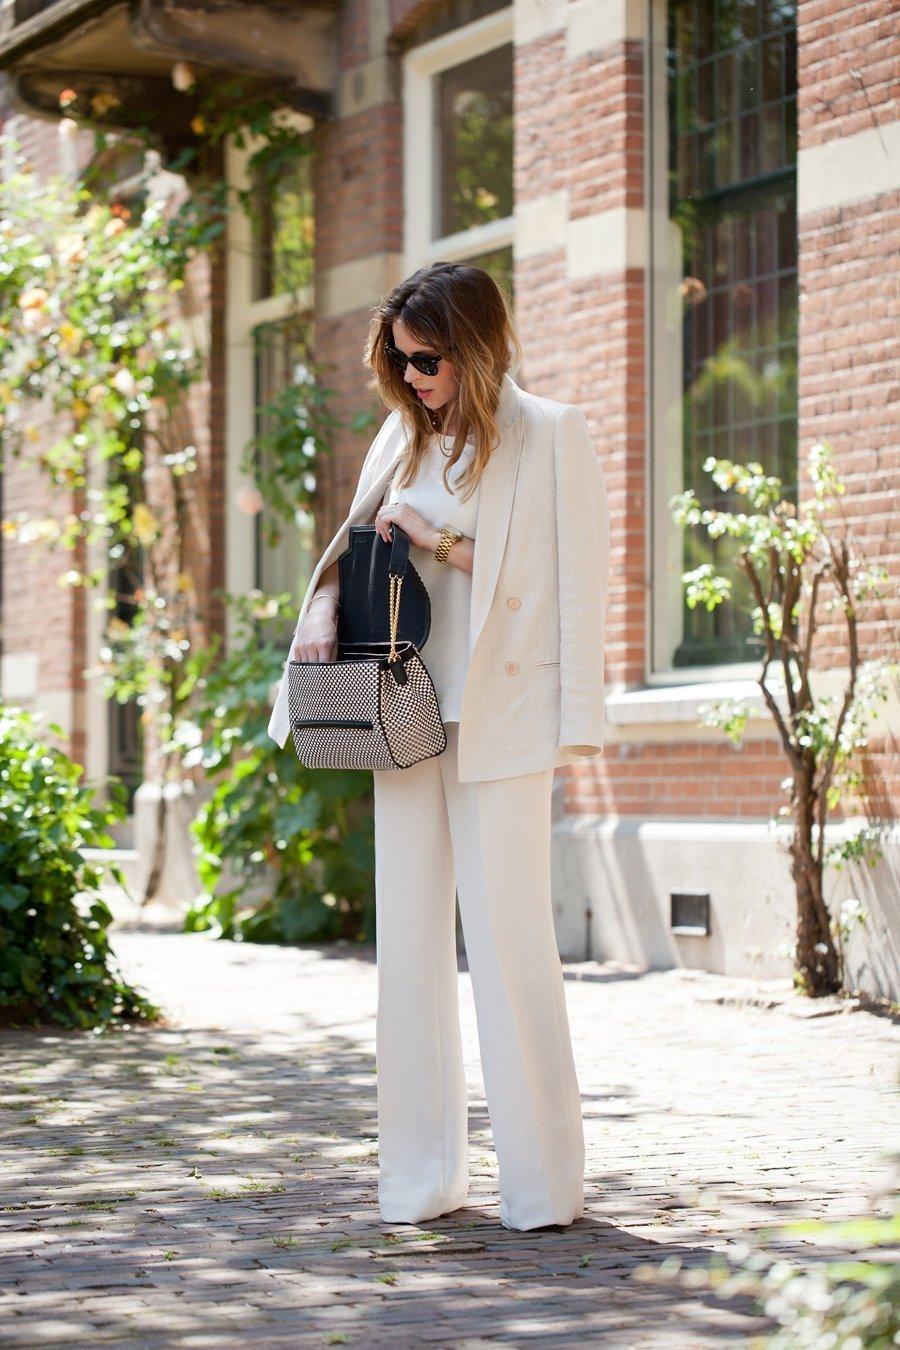 В последнее время в гламурном городском стиле брючные костюмы женские  активно используются модницами для совершения ежедневных дел acd1a6edde29c